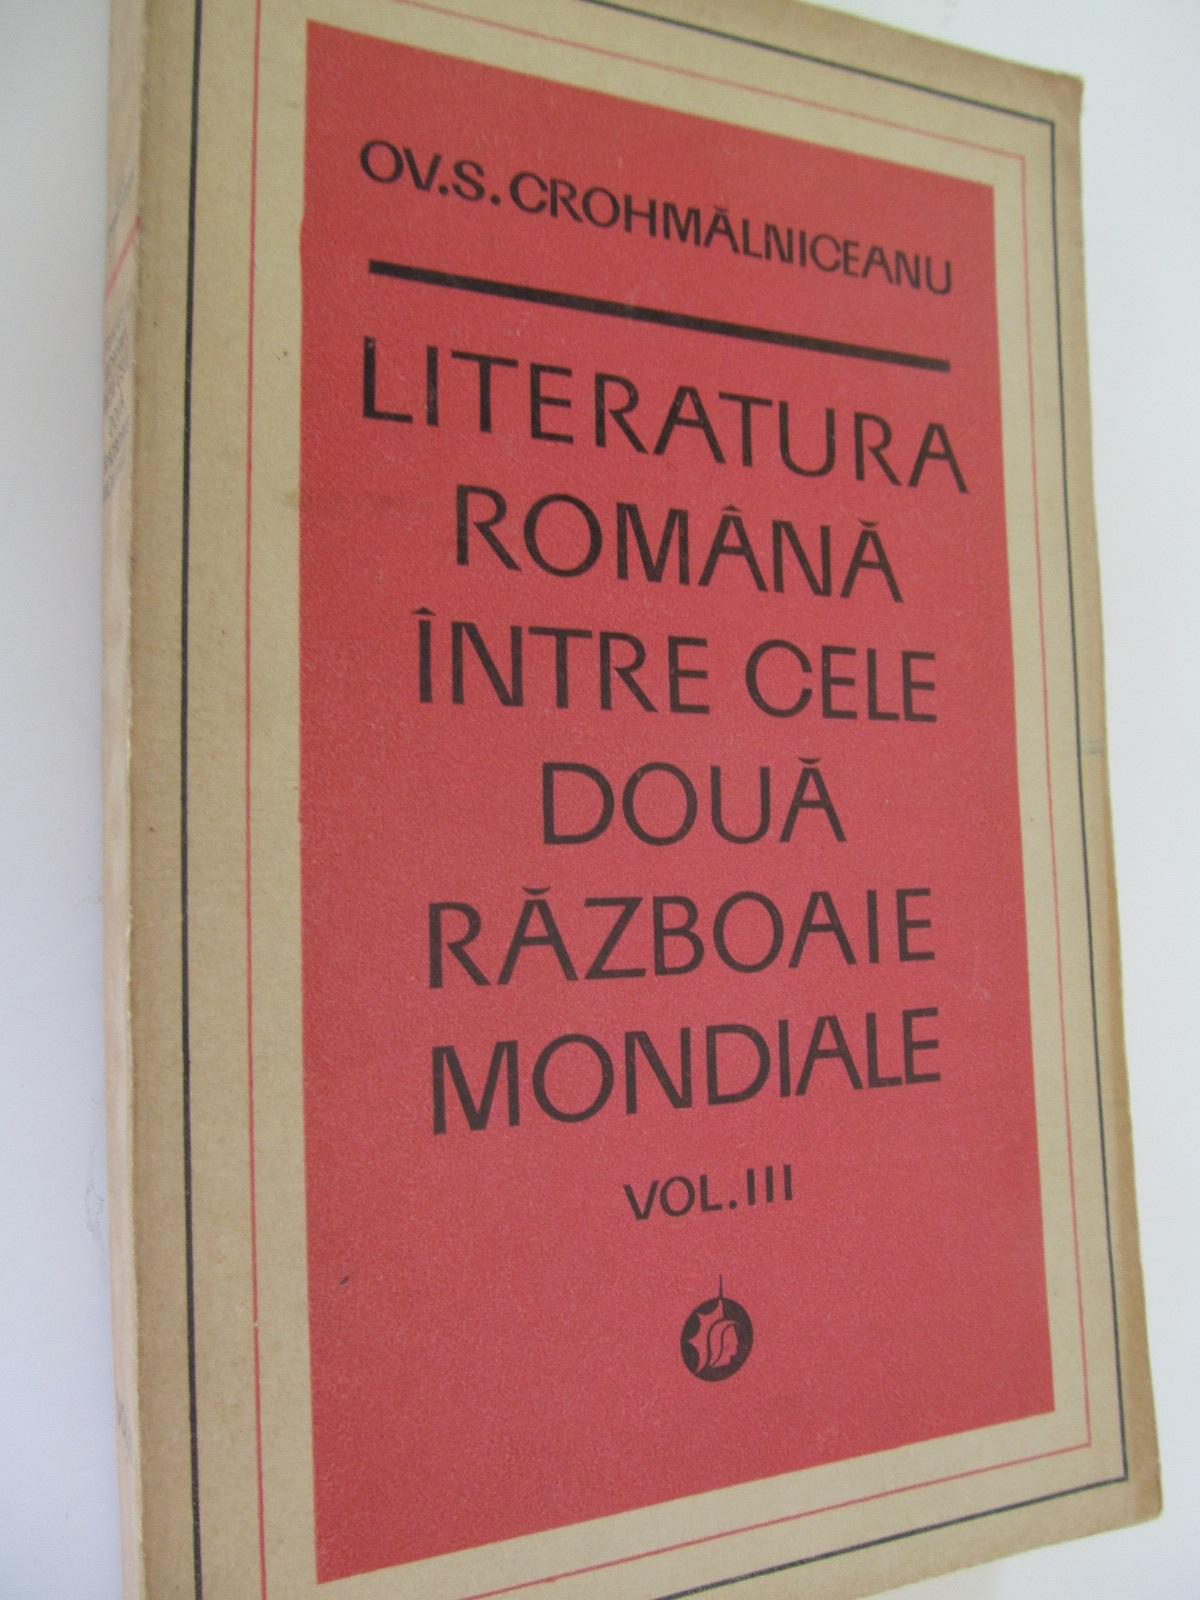 Literatura romana intre cele doua razboaie mondiale (vol. III) - Ov. S. Cromhmalniceanu | Detalii carte